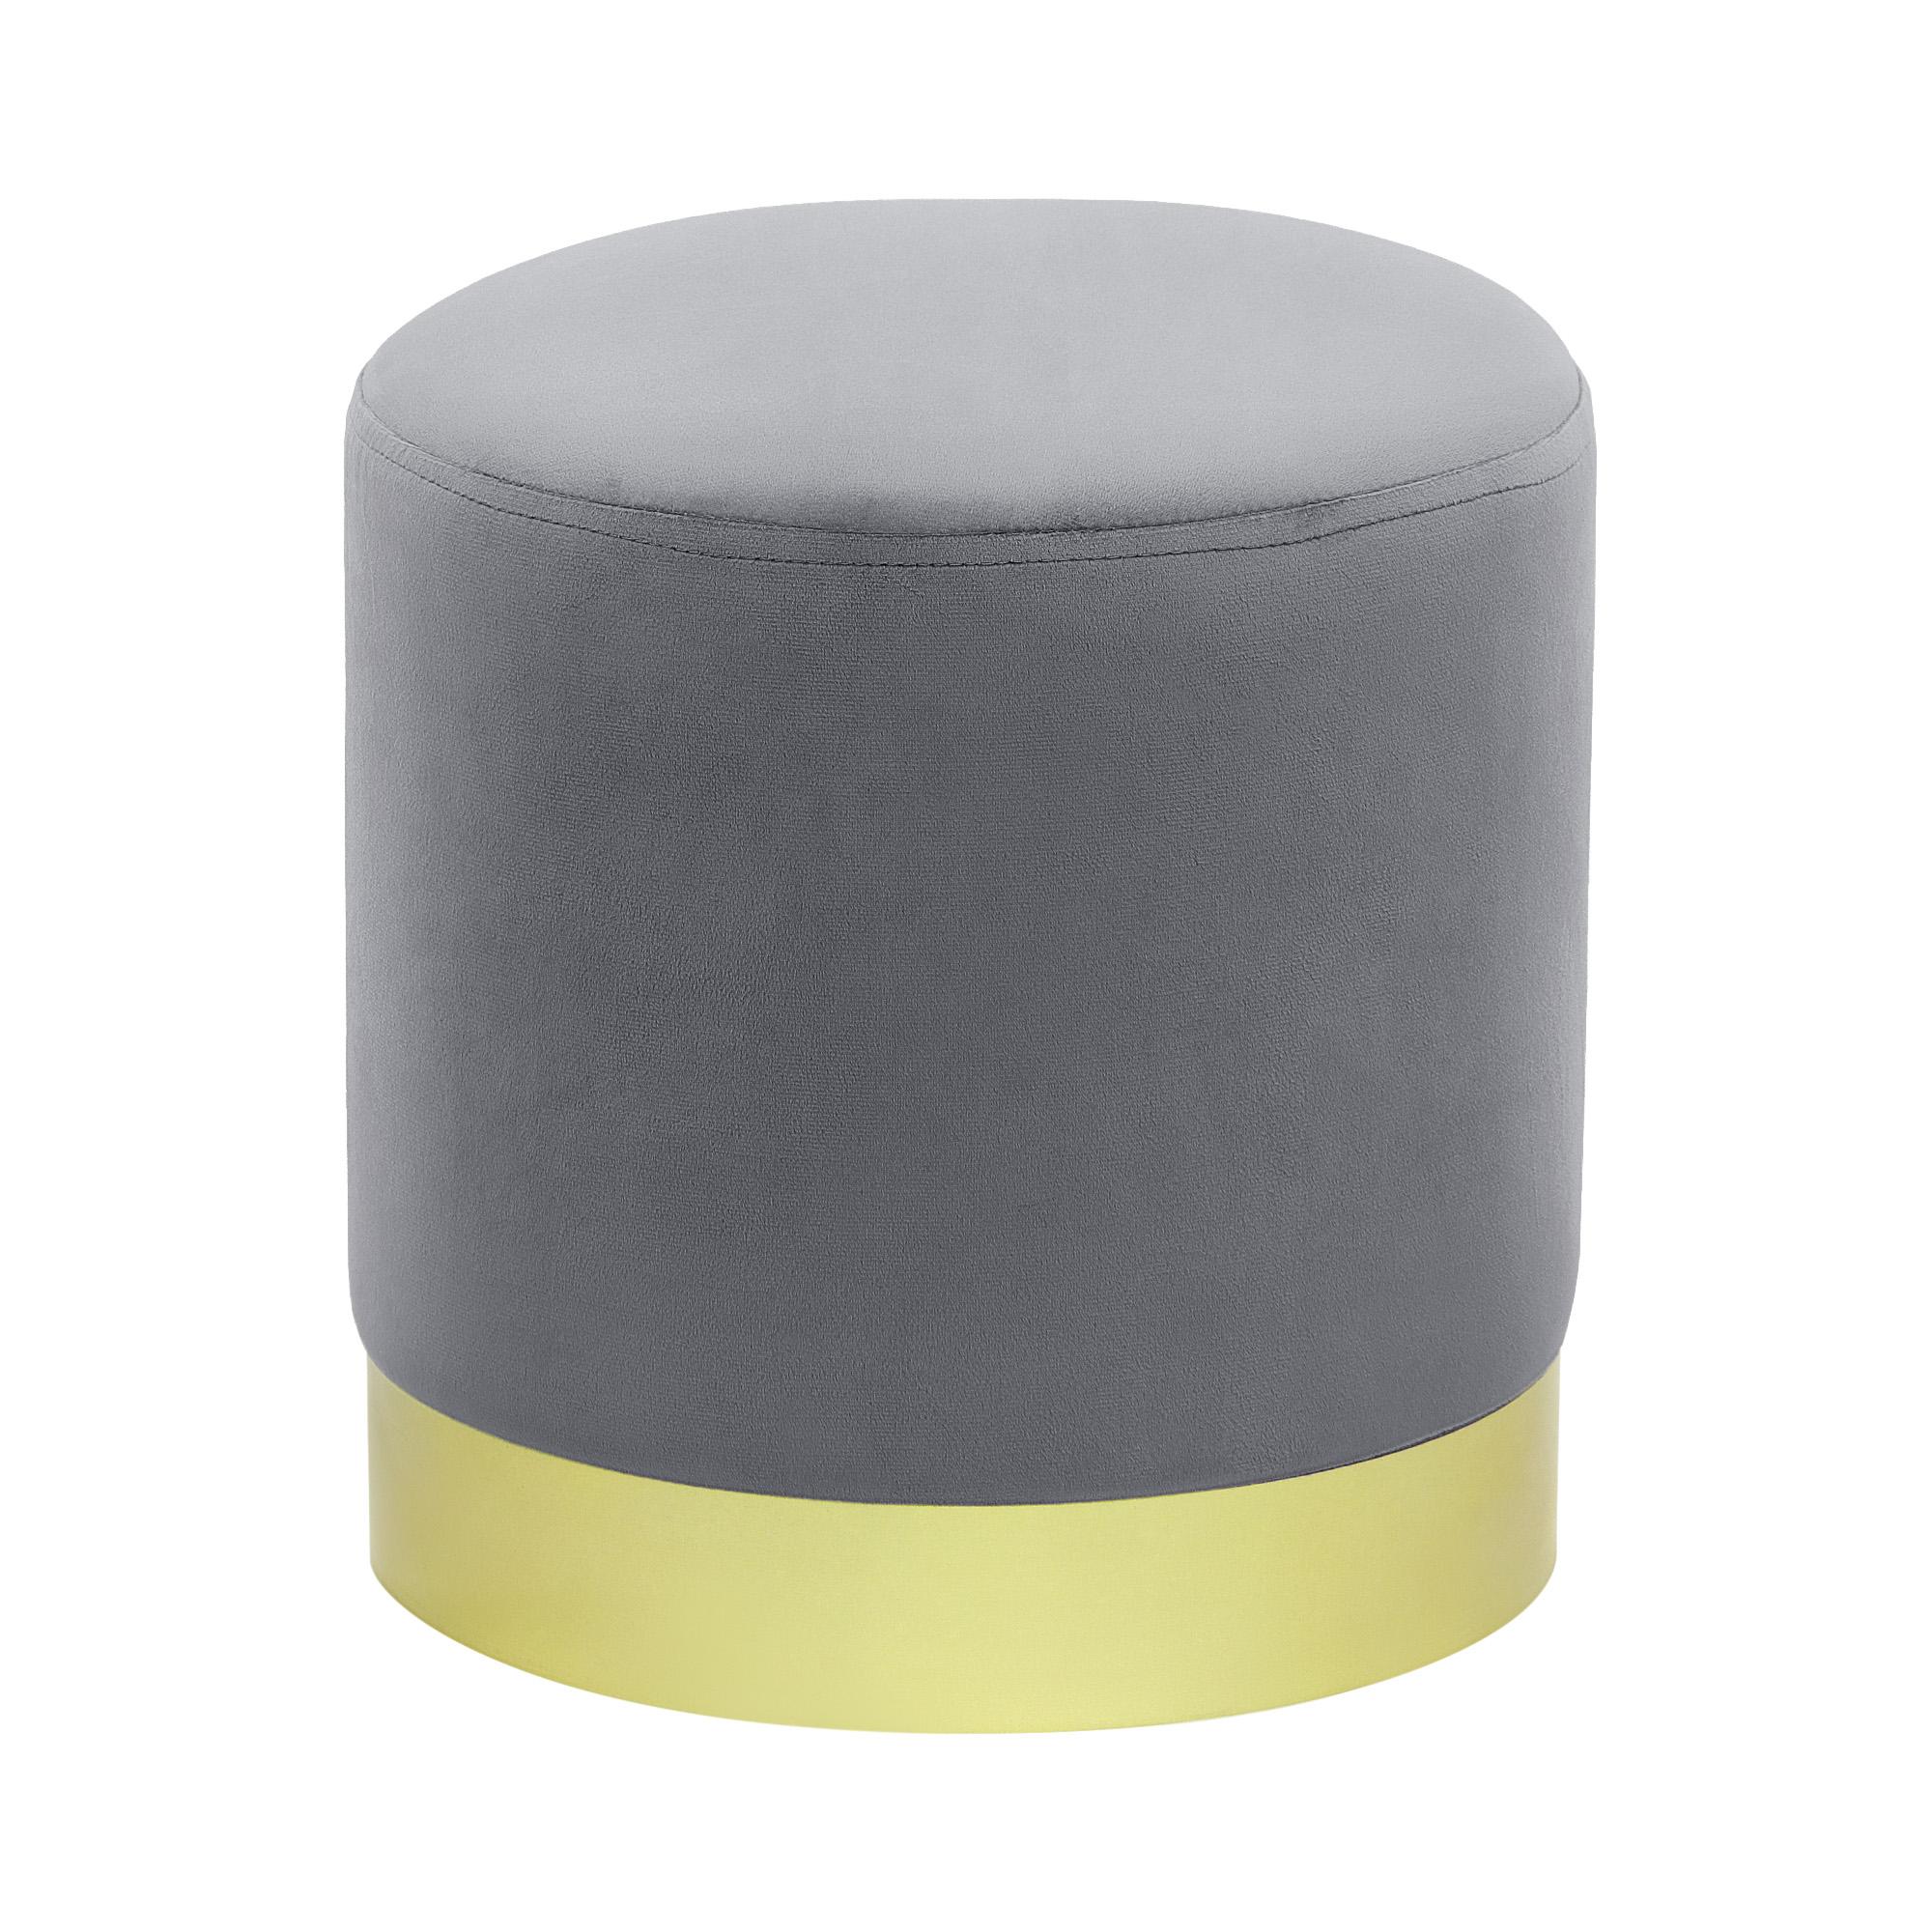 Пуфик Foreign trade Фибби серый 31,5x31,5x33 см